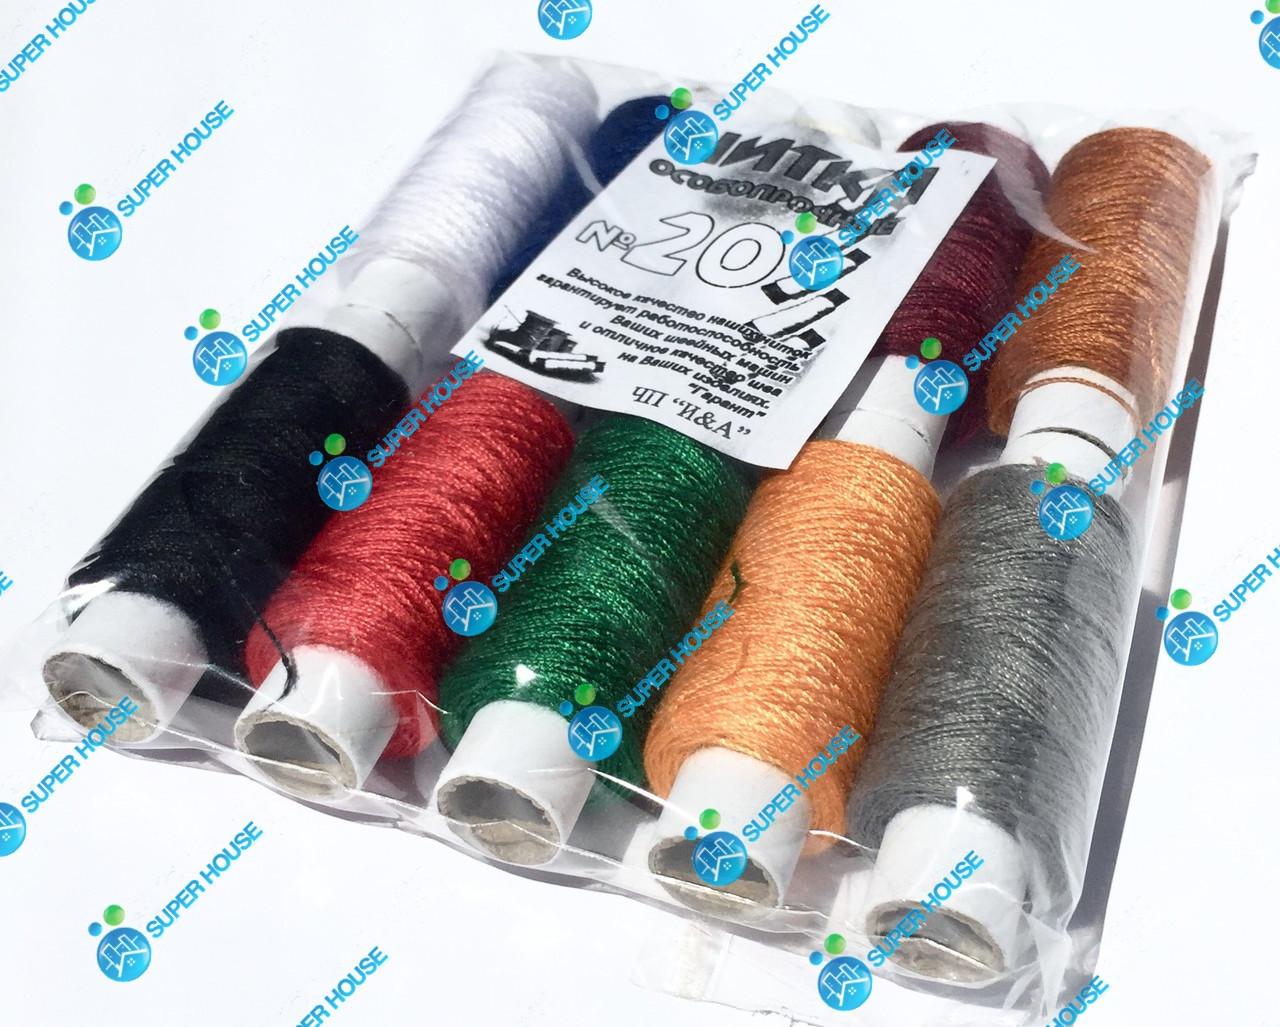 Швейная нитка №20 цветная. Полиэстер. Плотный намот 200м. 10 катушек в 1 уп.